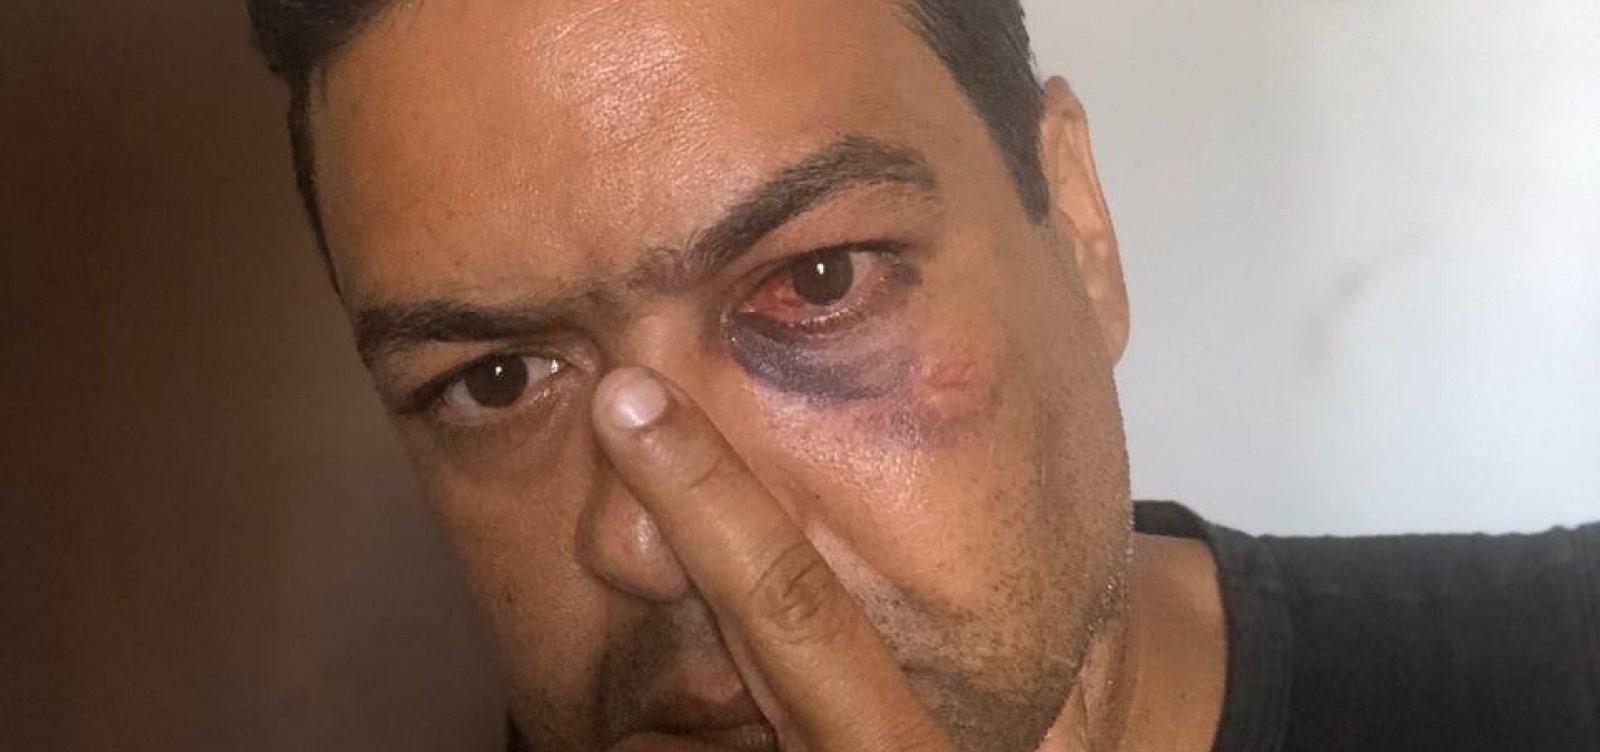 Simões Filho: Vereador é suspeito de agredir outro parlamentar durante reunião na CCJ